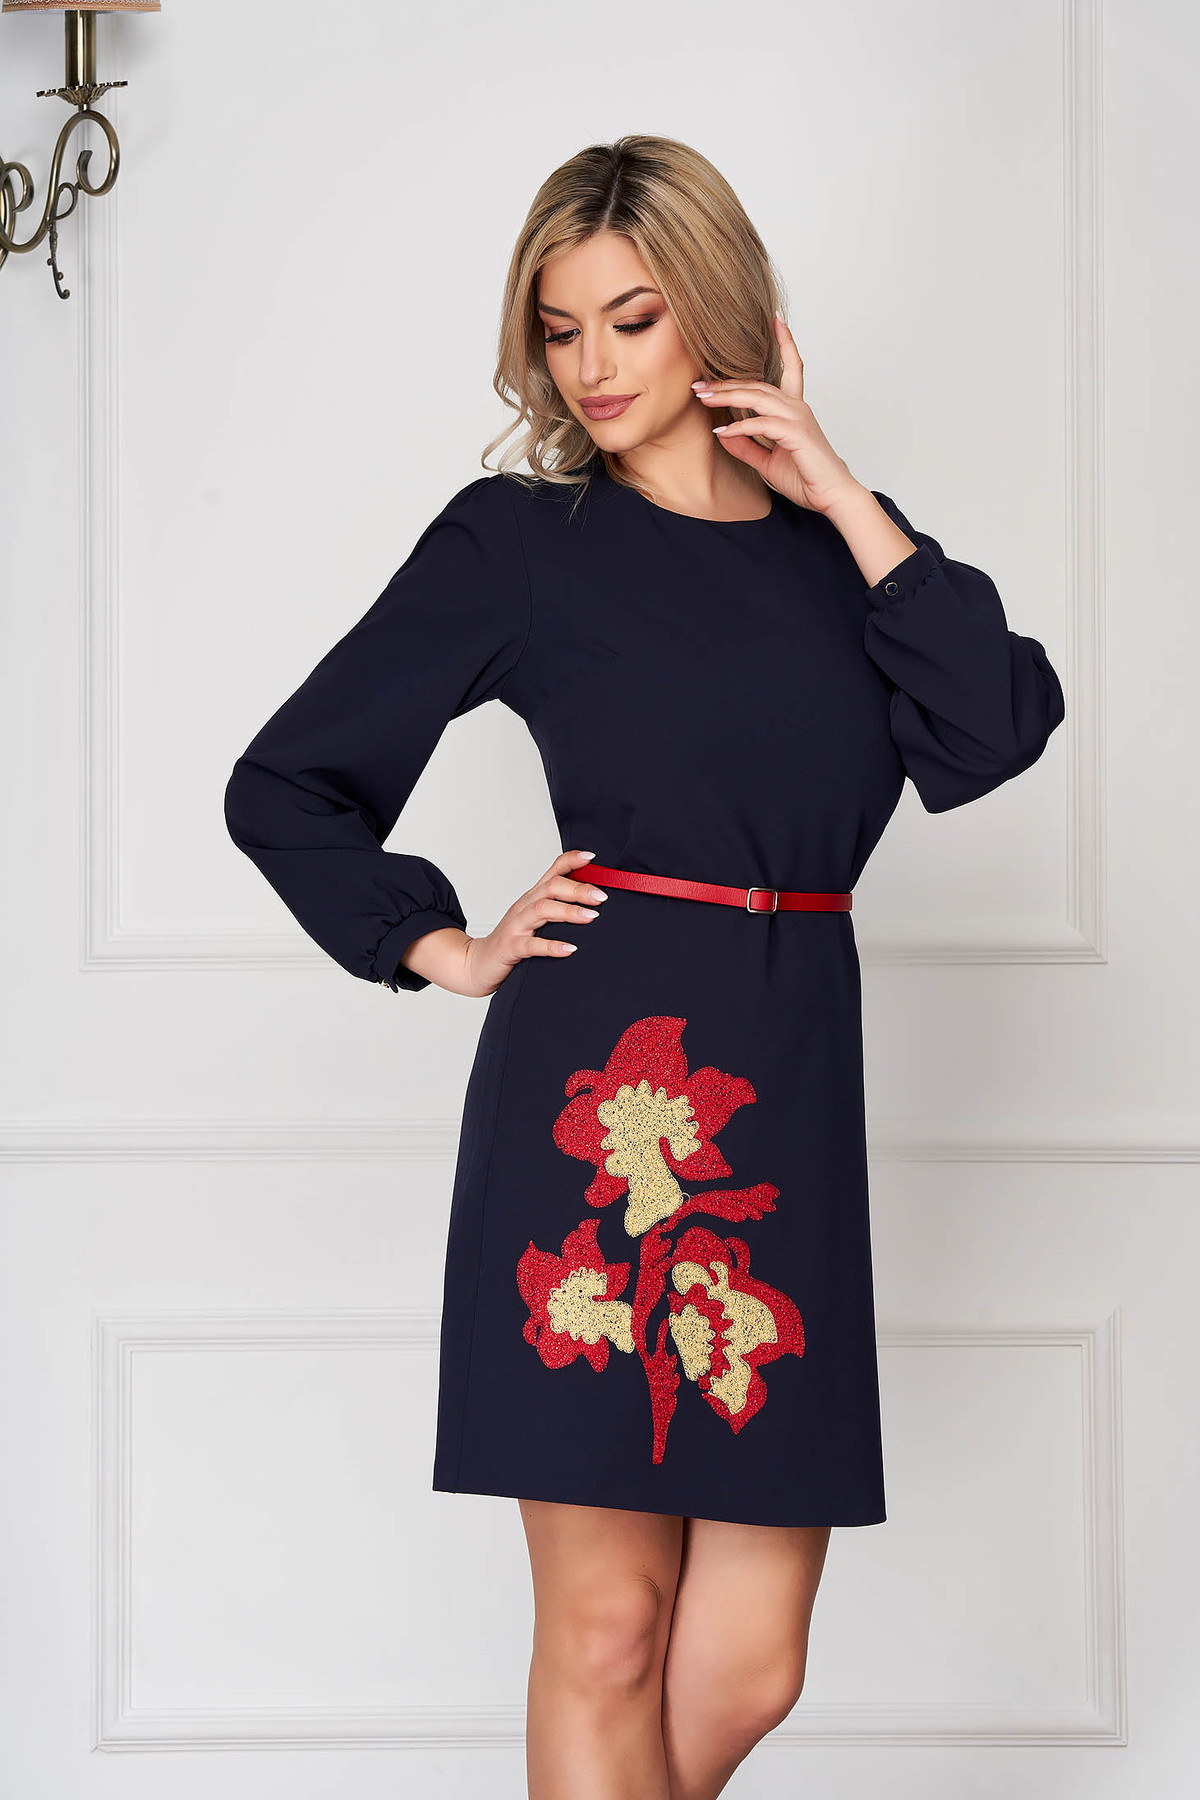 Rochie albastru-inchis scurta de zi cu croi in a din stofa subtire cu broderie florala